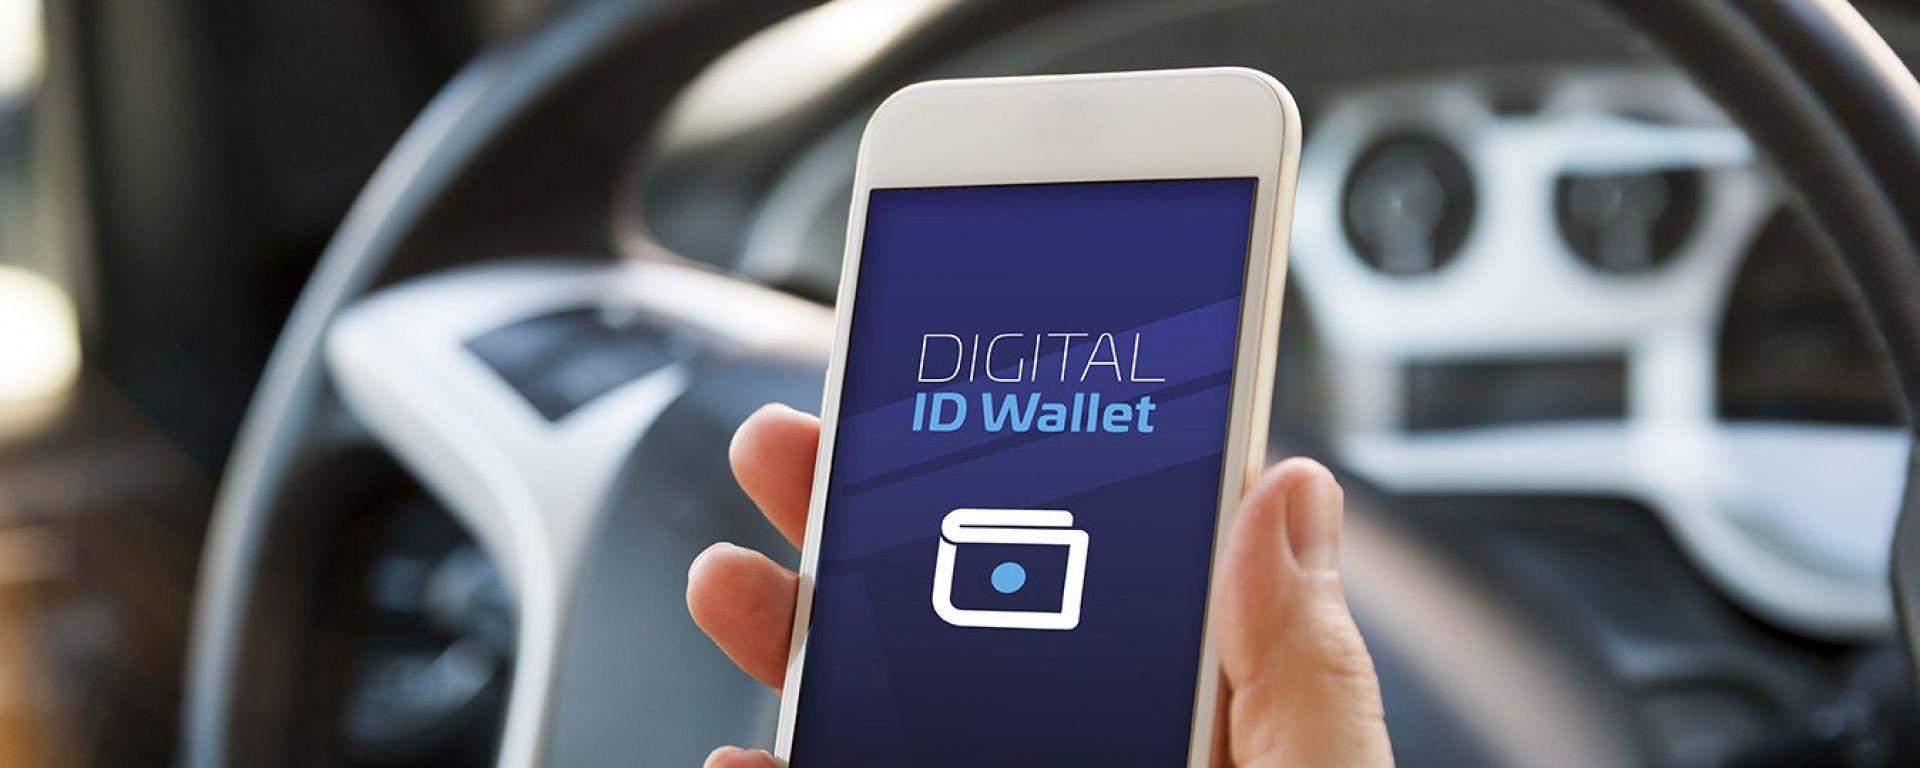 Arrivano sullo smartphone le patenti di guida digitali